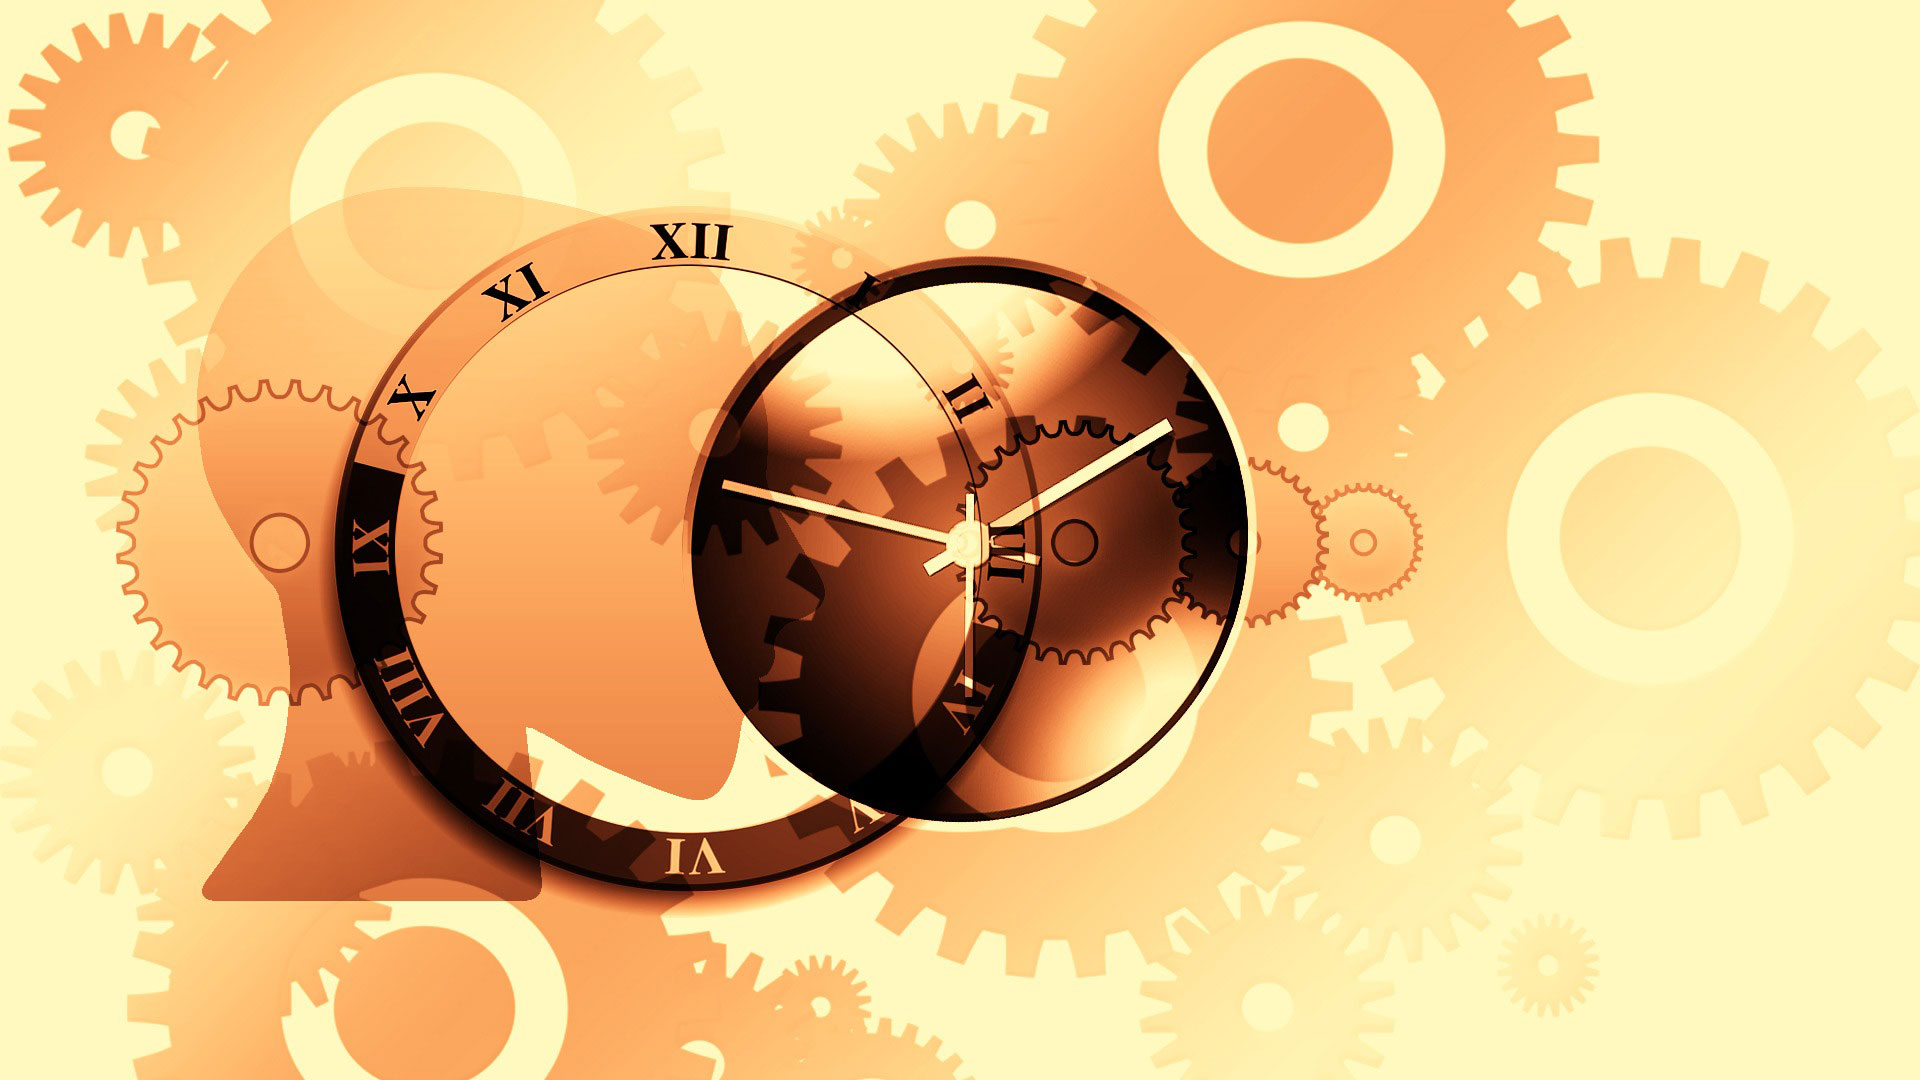 La-ilusión-de-un-nuevo-tiempo-para-el-trabajo-social